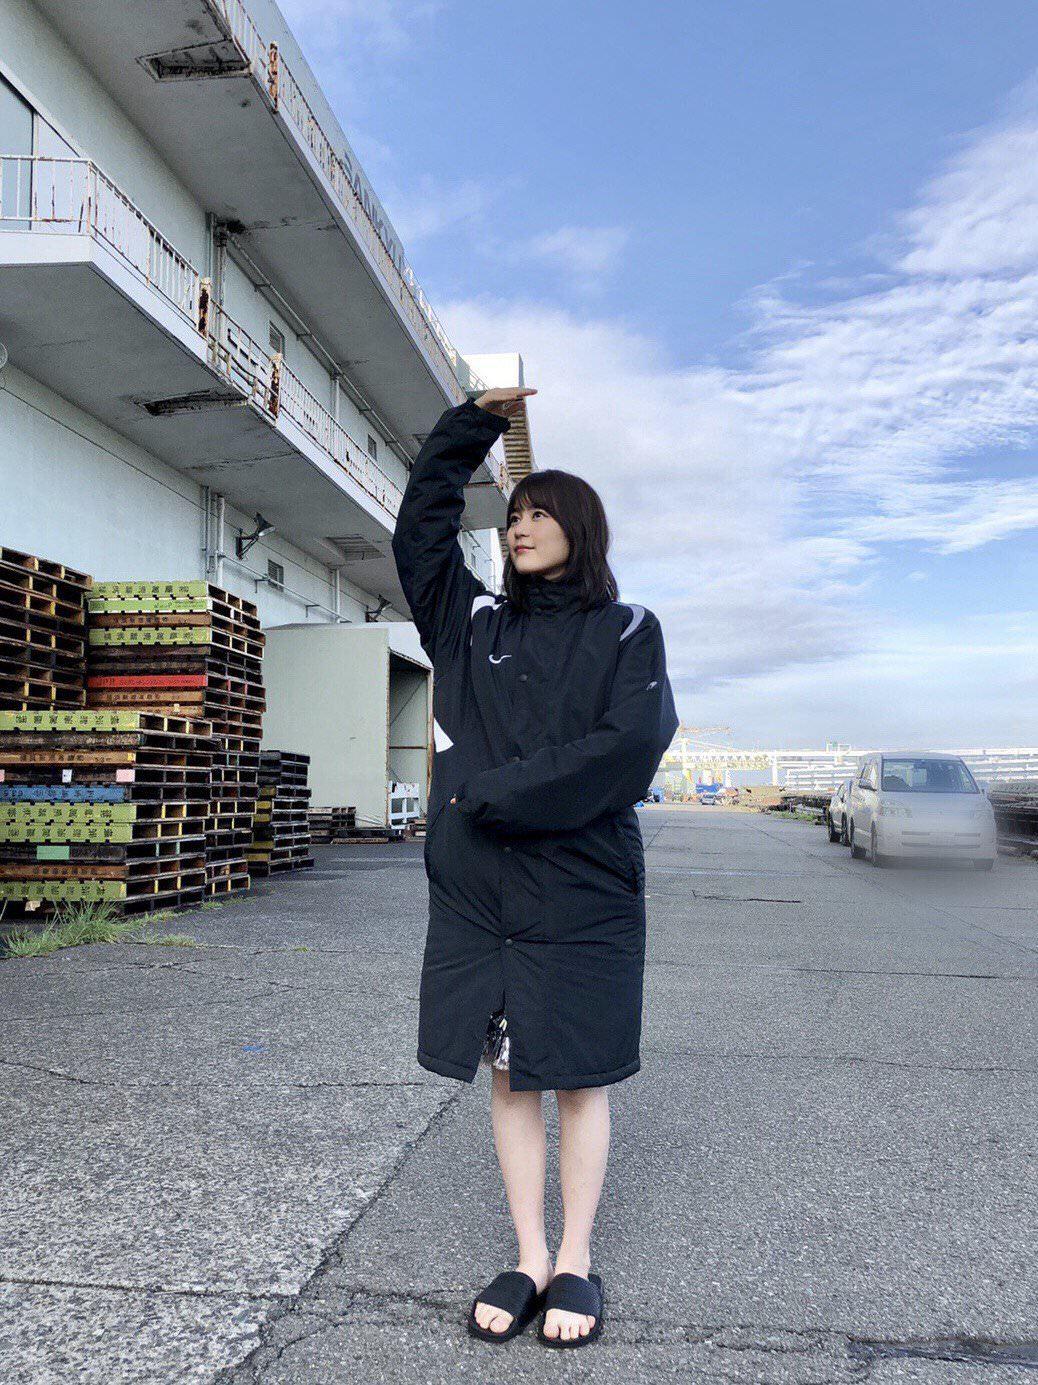 シンクロ坂 生田絵梨花